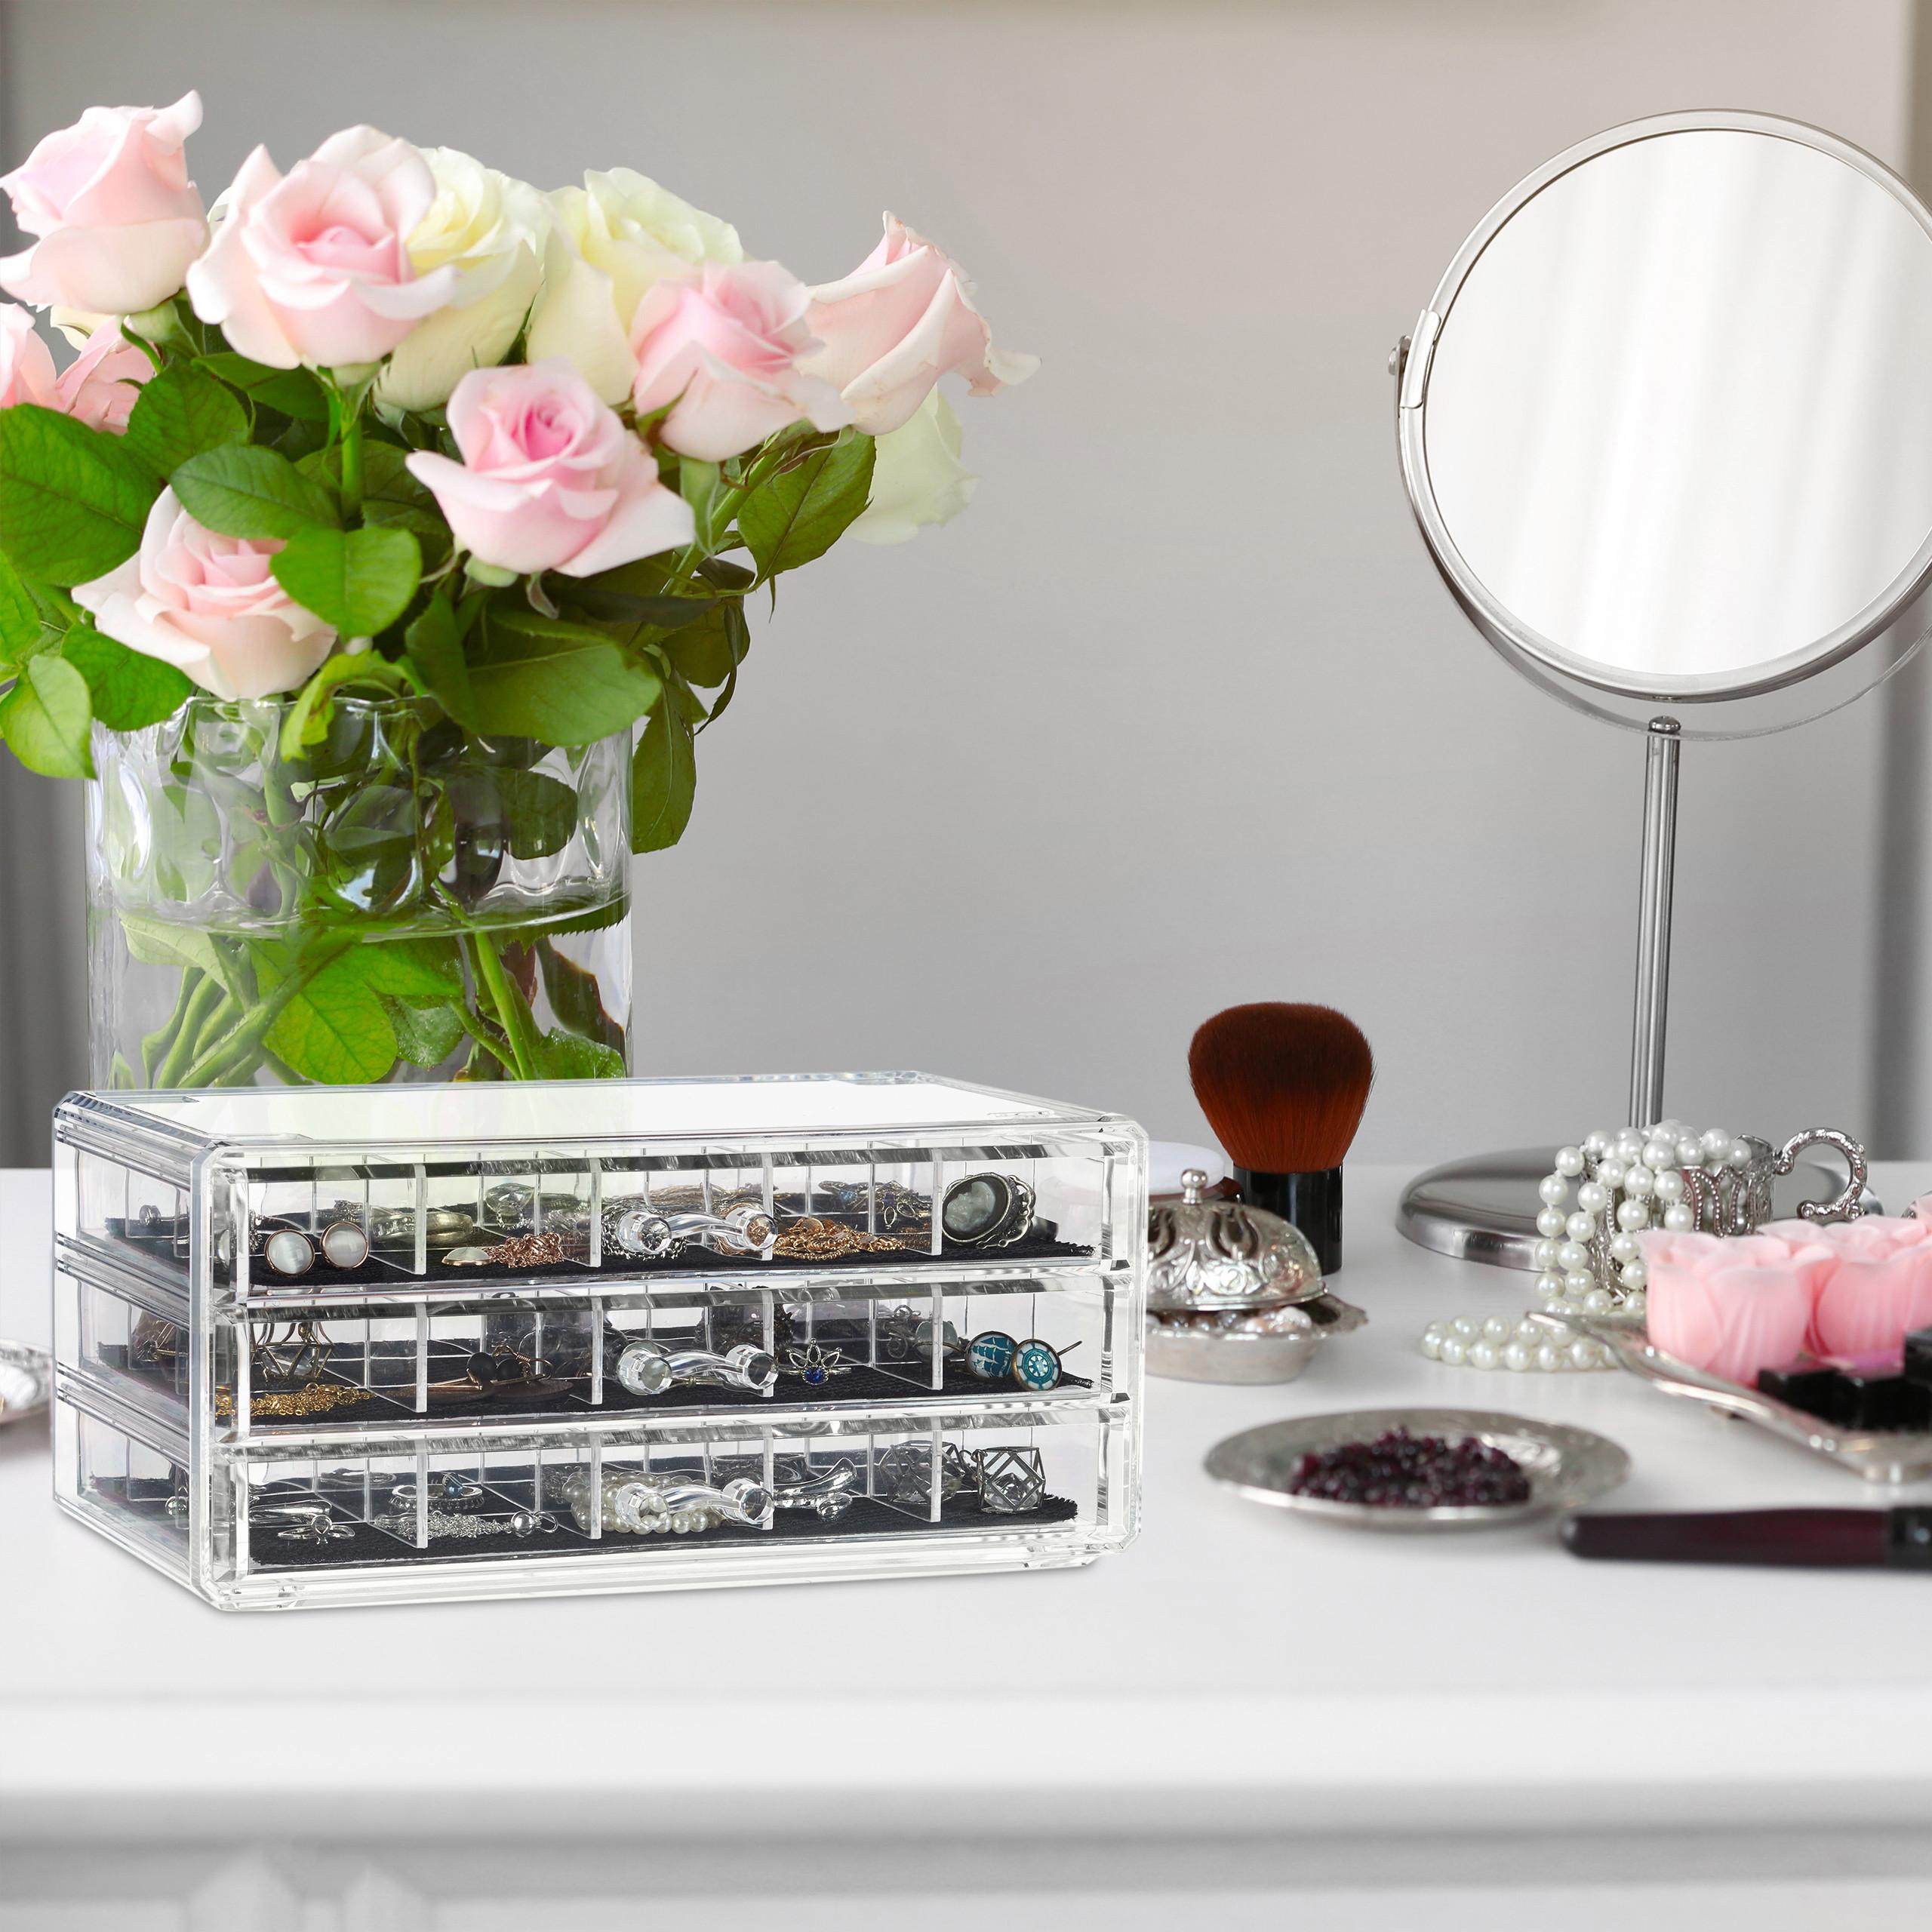 Make-Up-Organizer-Acryl-Schmuckaufbewahrung-3-Schubladen-Kosmetikbox-mit-Fachern miniatuur 3